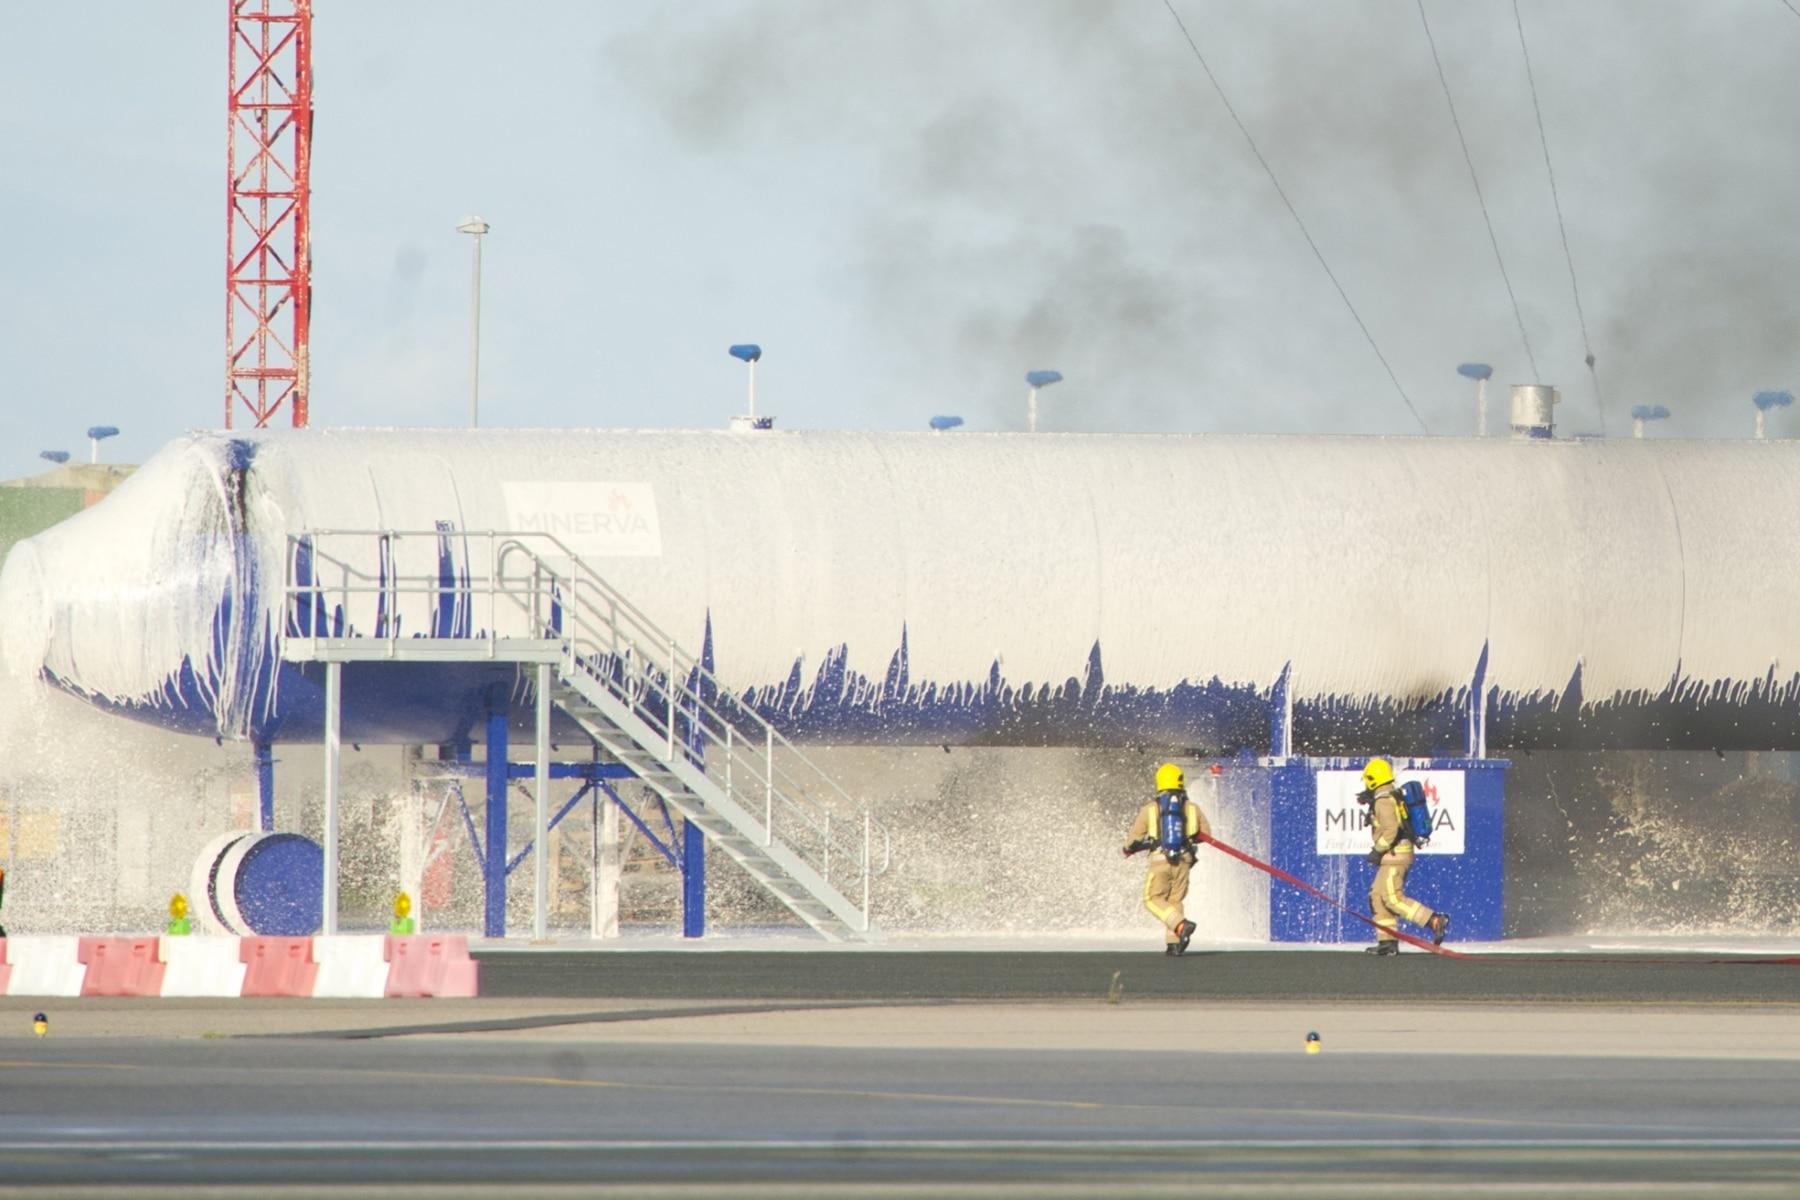 simulacro-accidente-aereo-en-gibraltar-03122014-12_15943264732_o